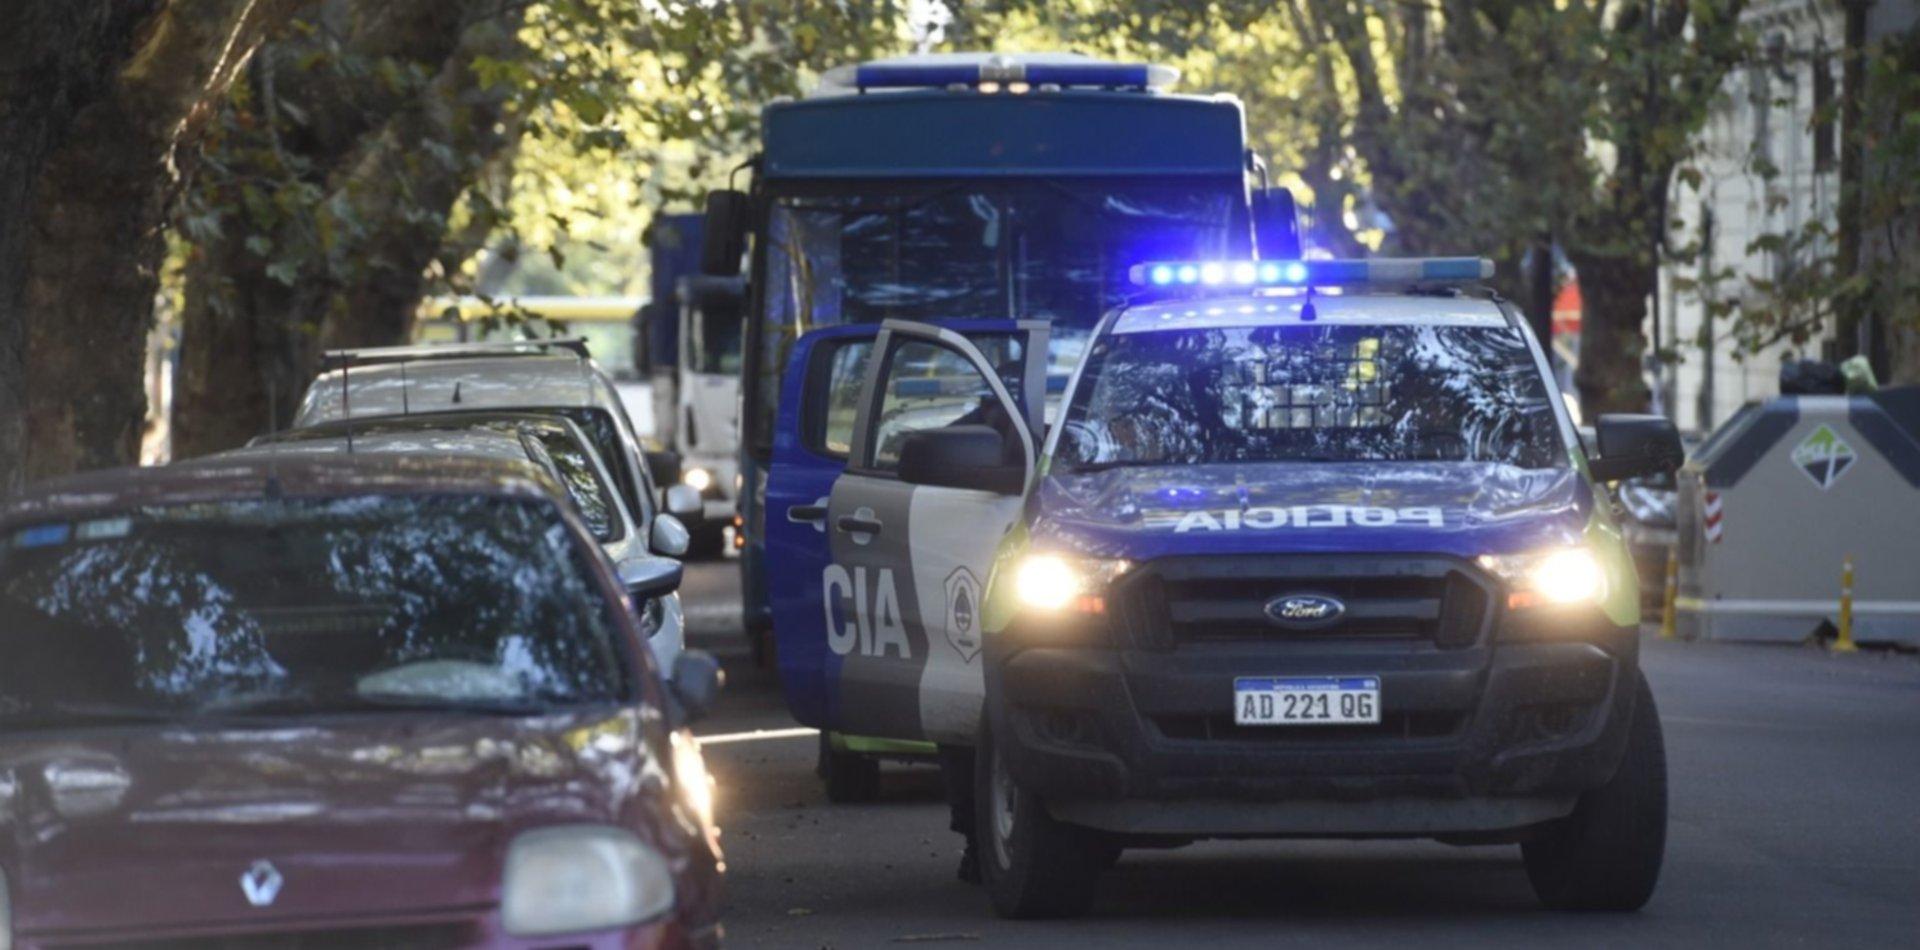 Escándalo en un hostel de La Plata motivó un gran operativo policial y una pareja terminó detenida